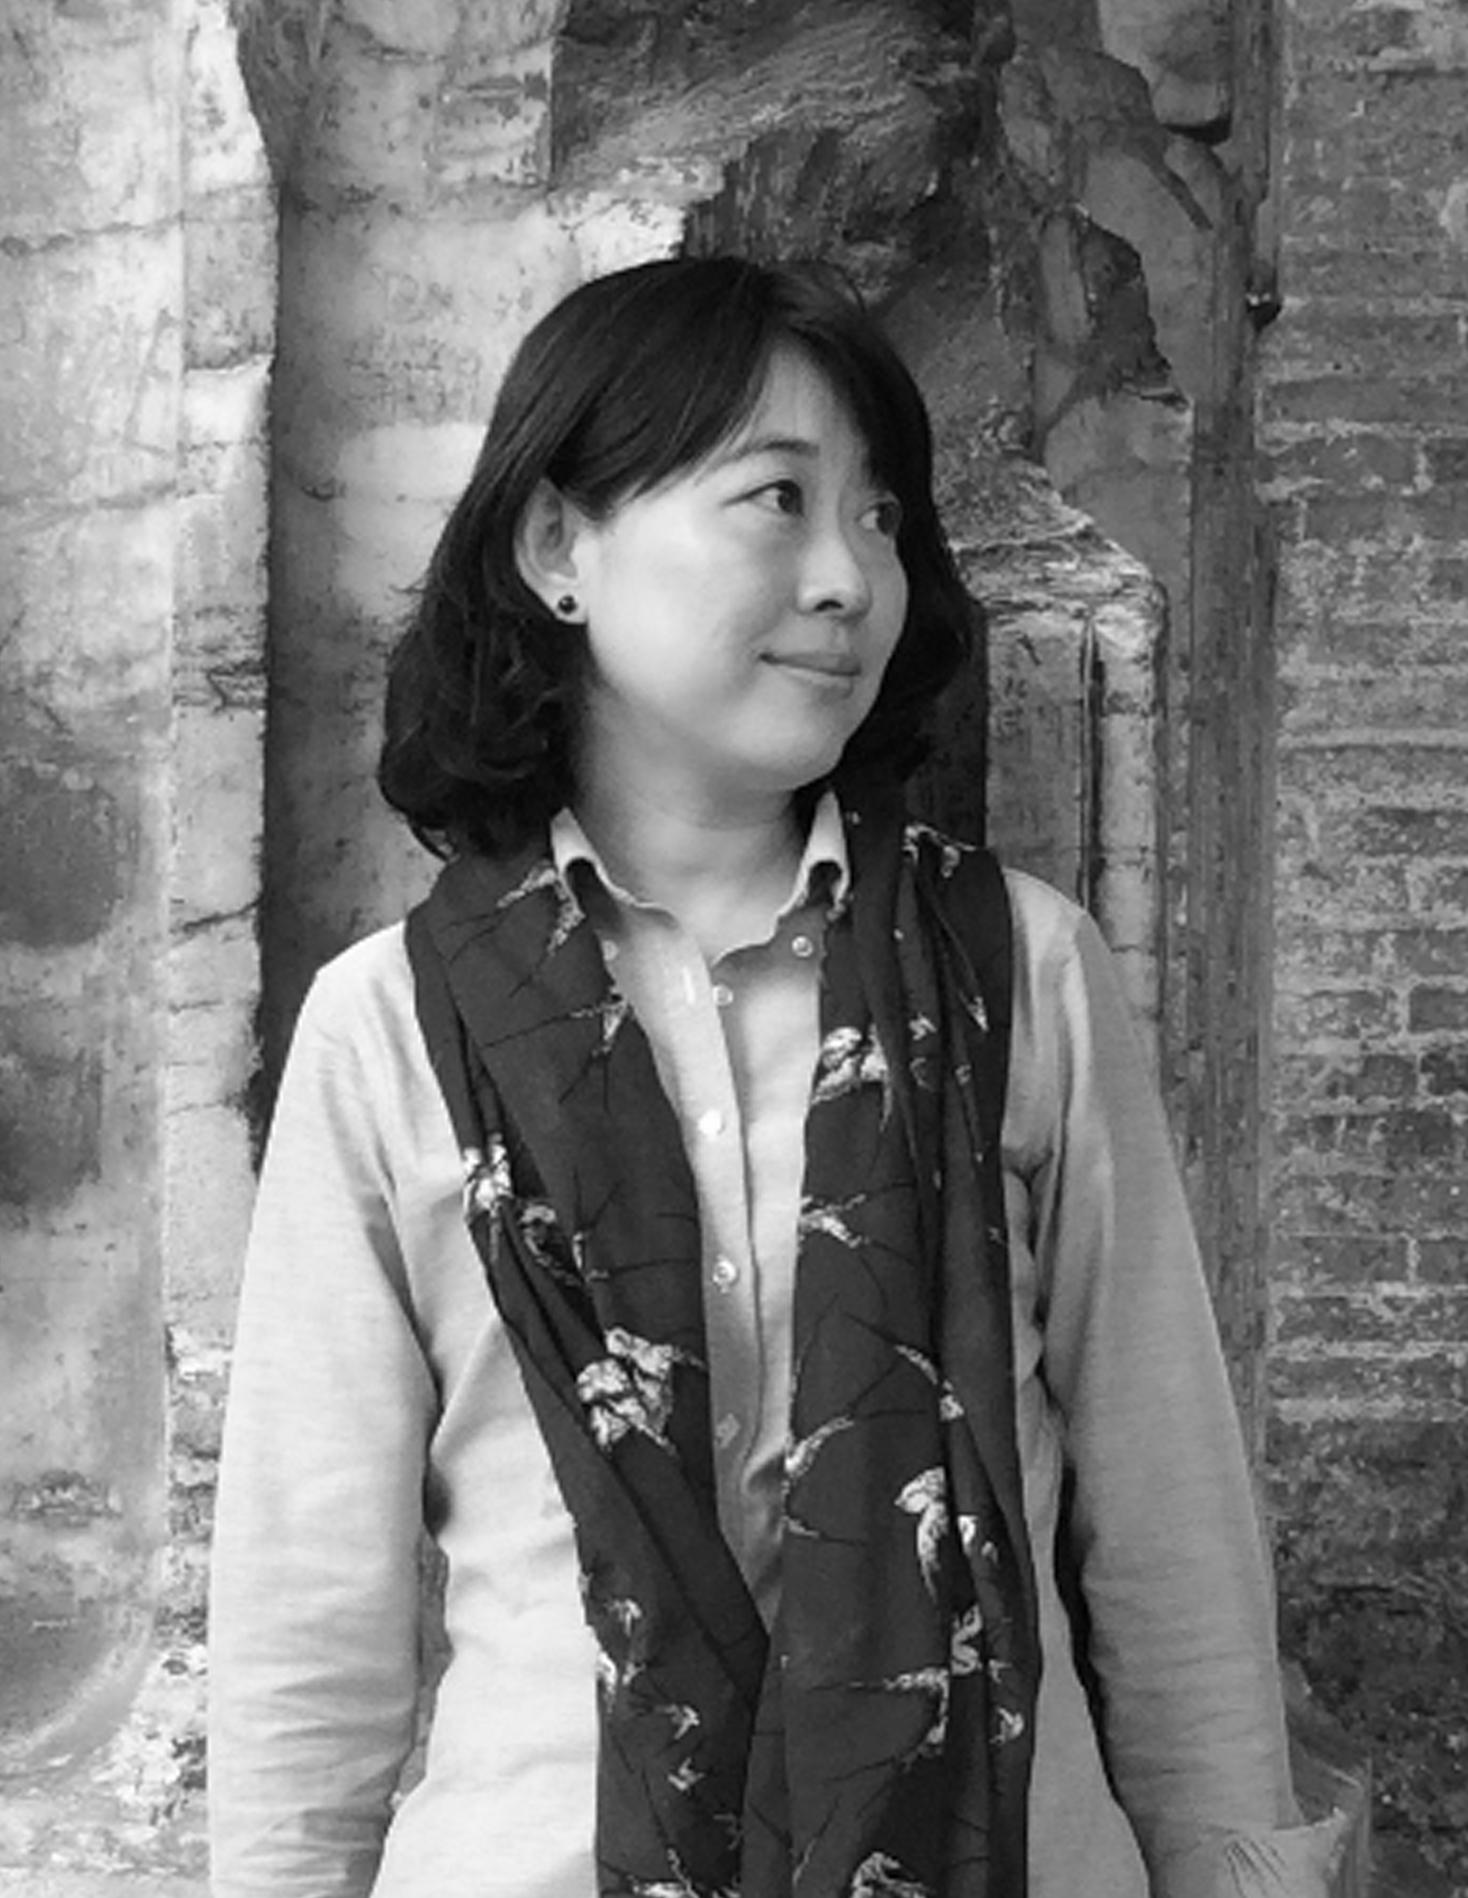 Zhang Qian